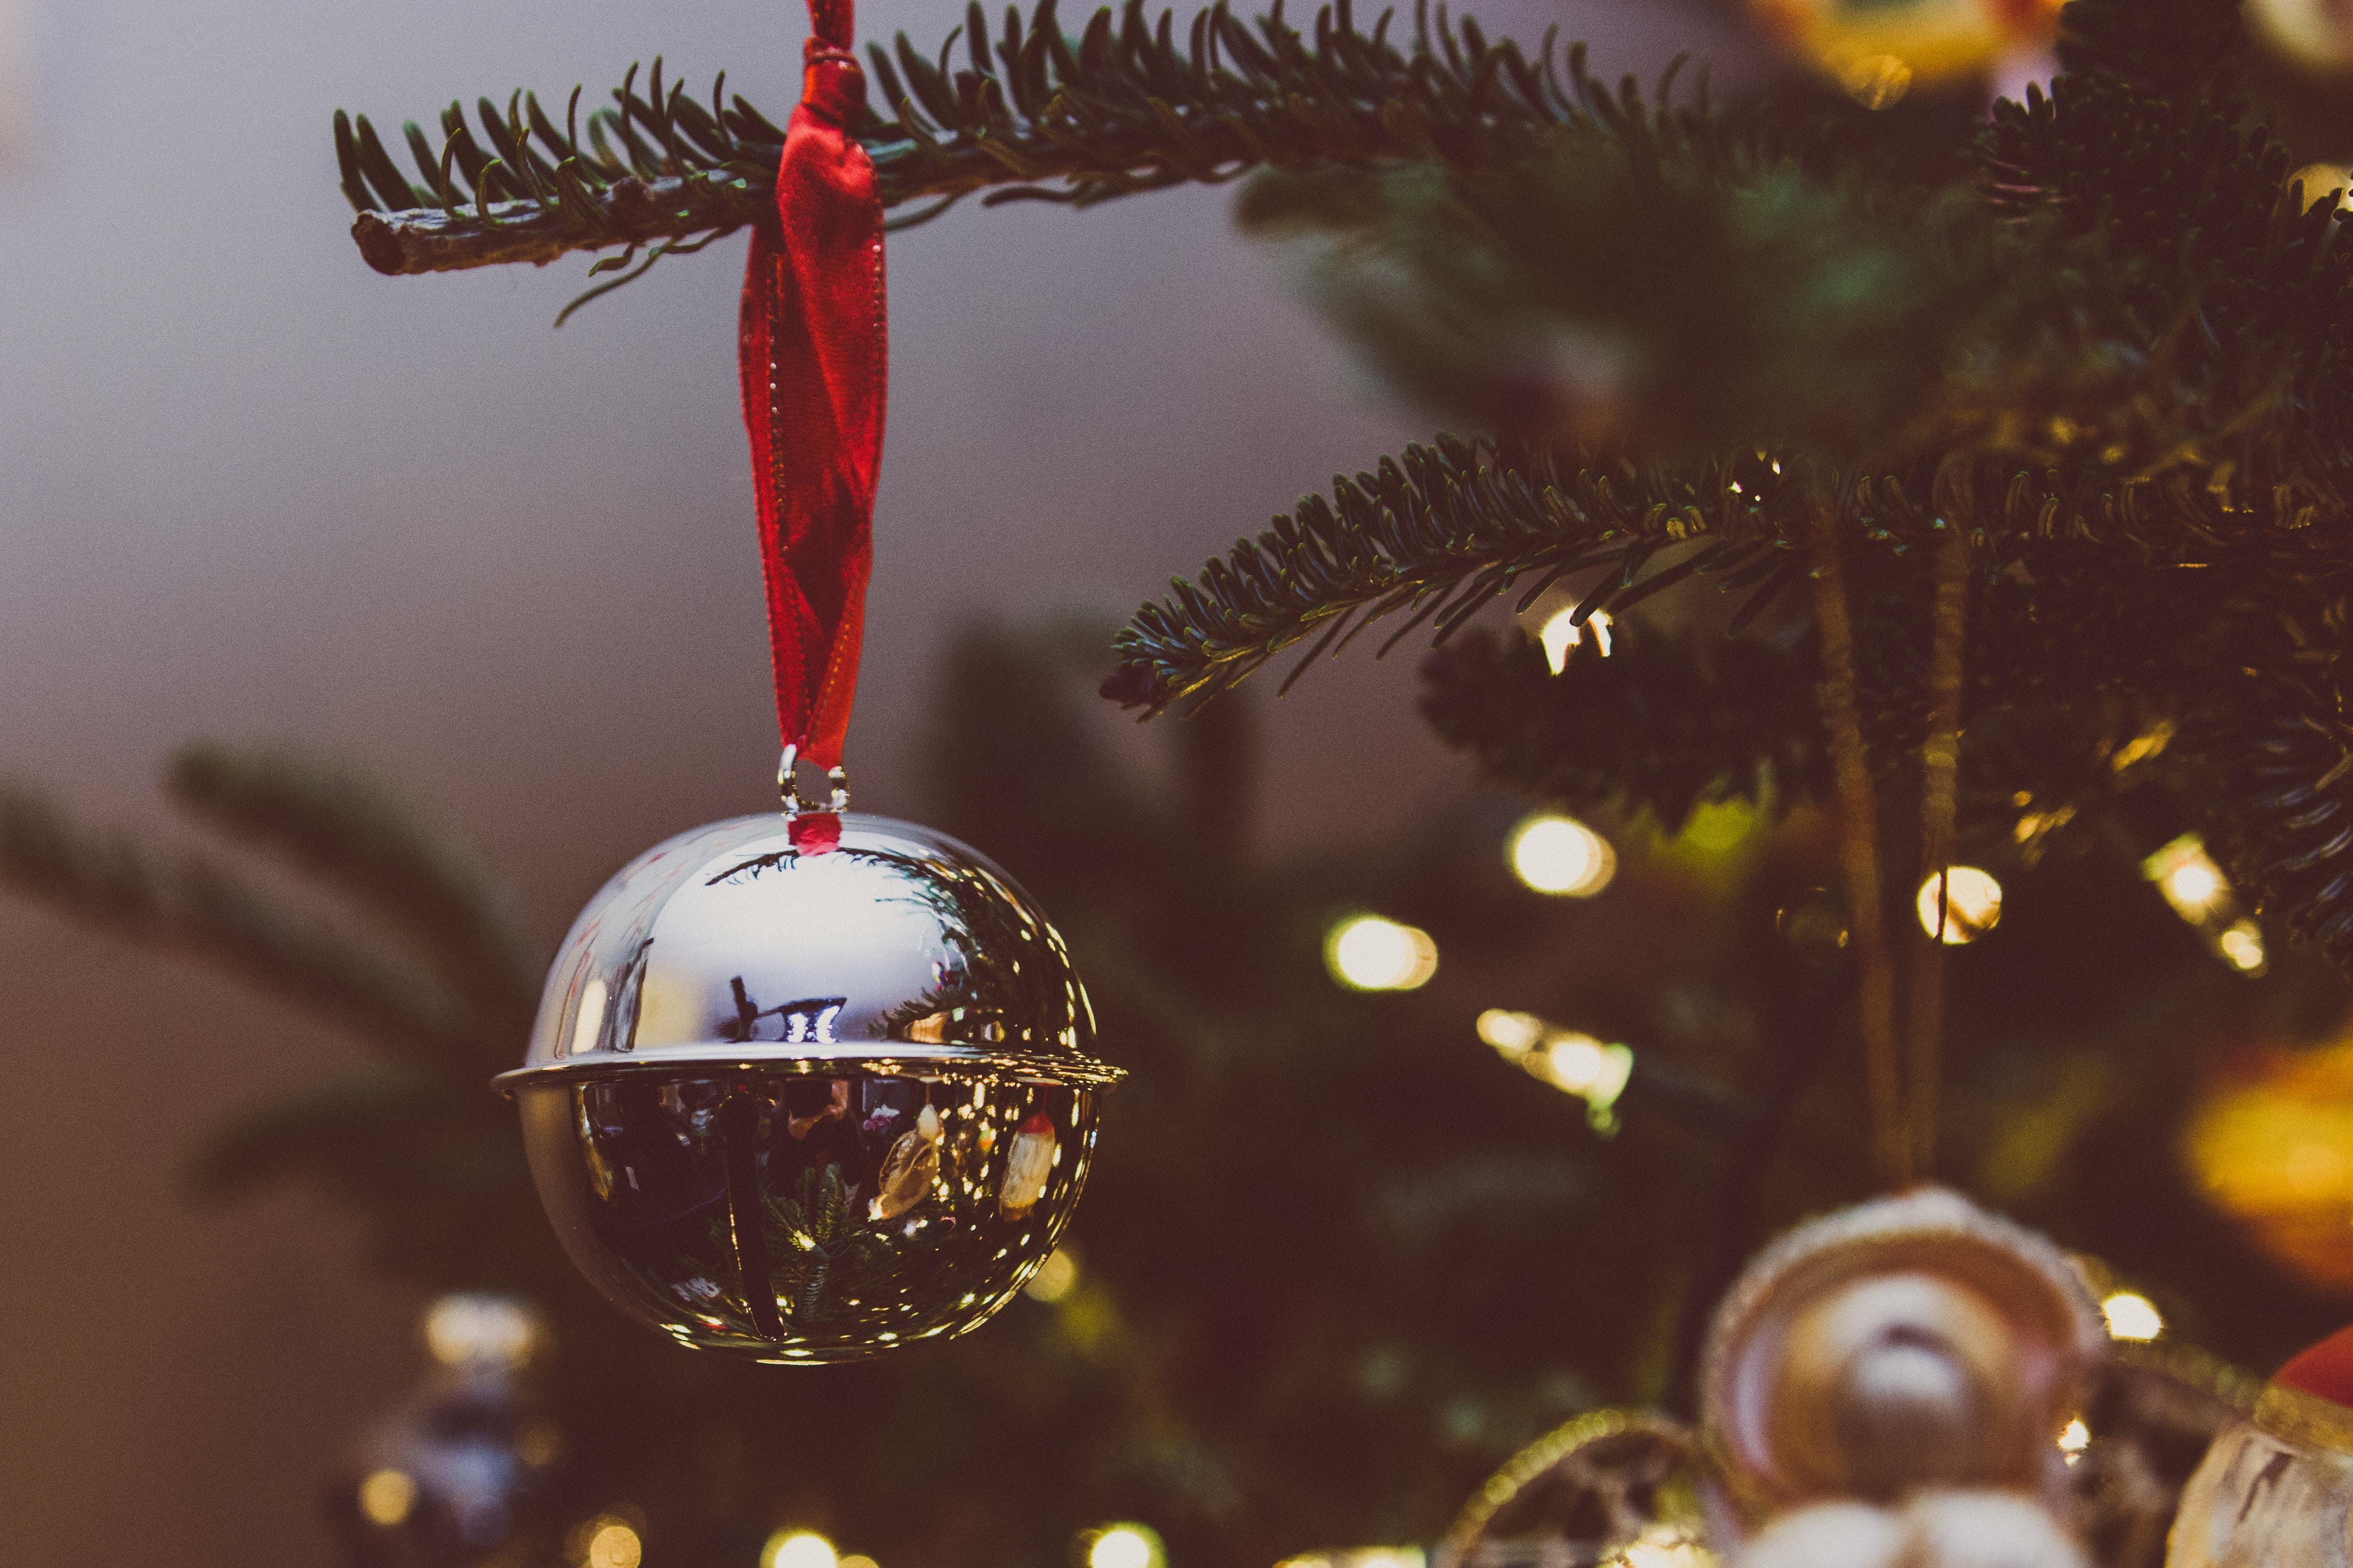 Zelfstartend vermogen: een kerstverhaal